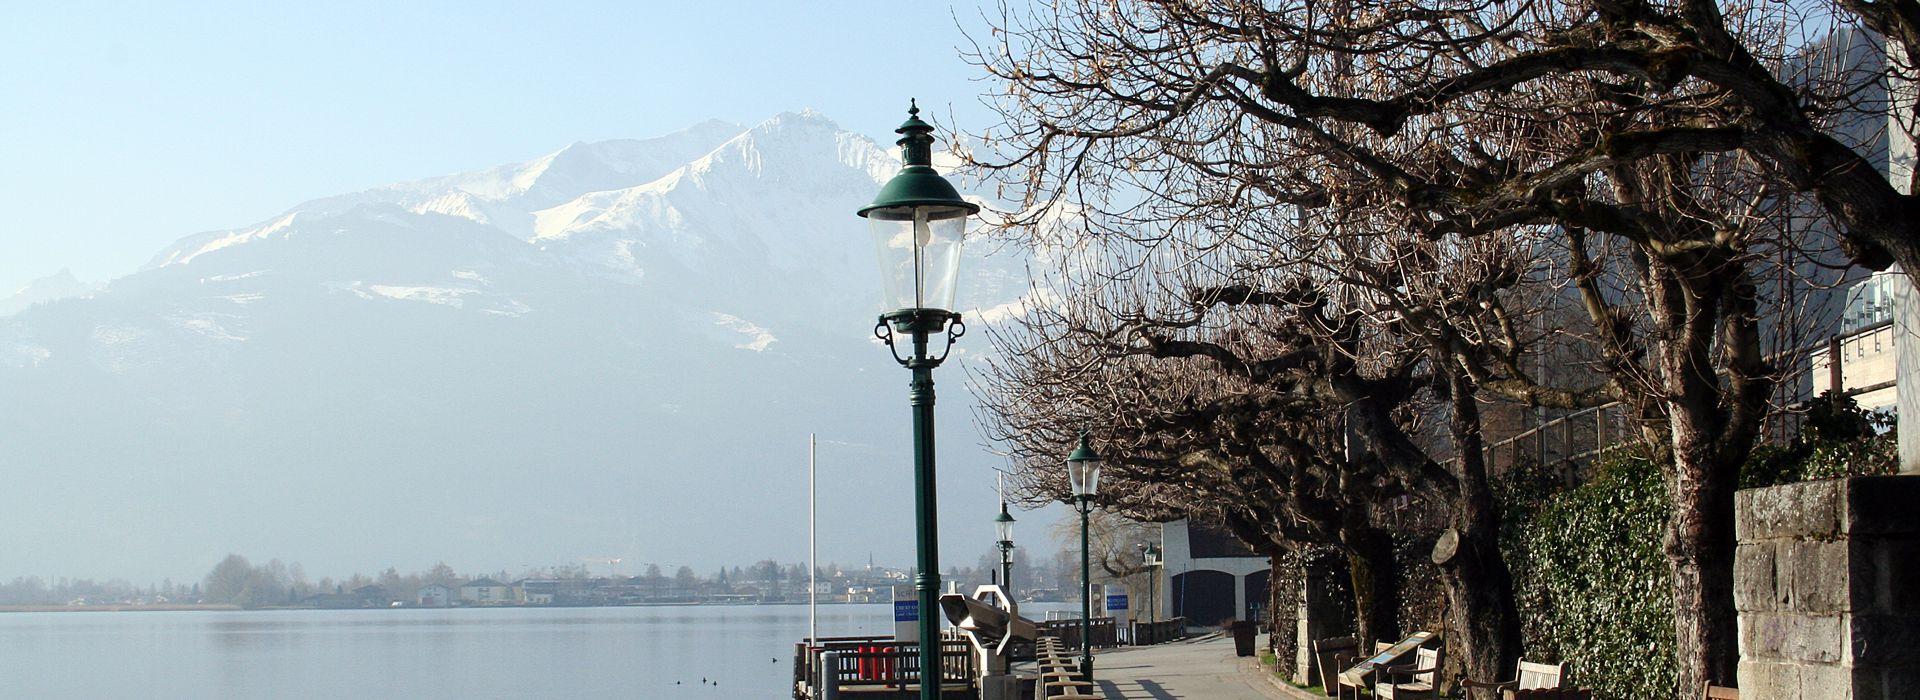 Цель-ам-Зее горнолыжный курорт Австрии. Часть 2 – аренда и ски пассы